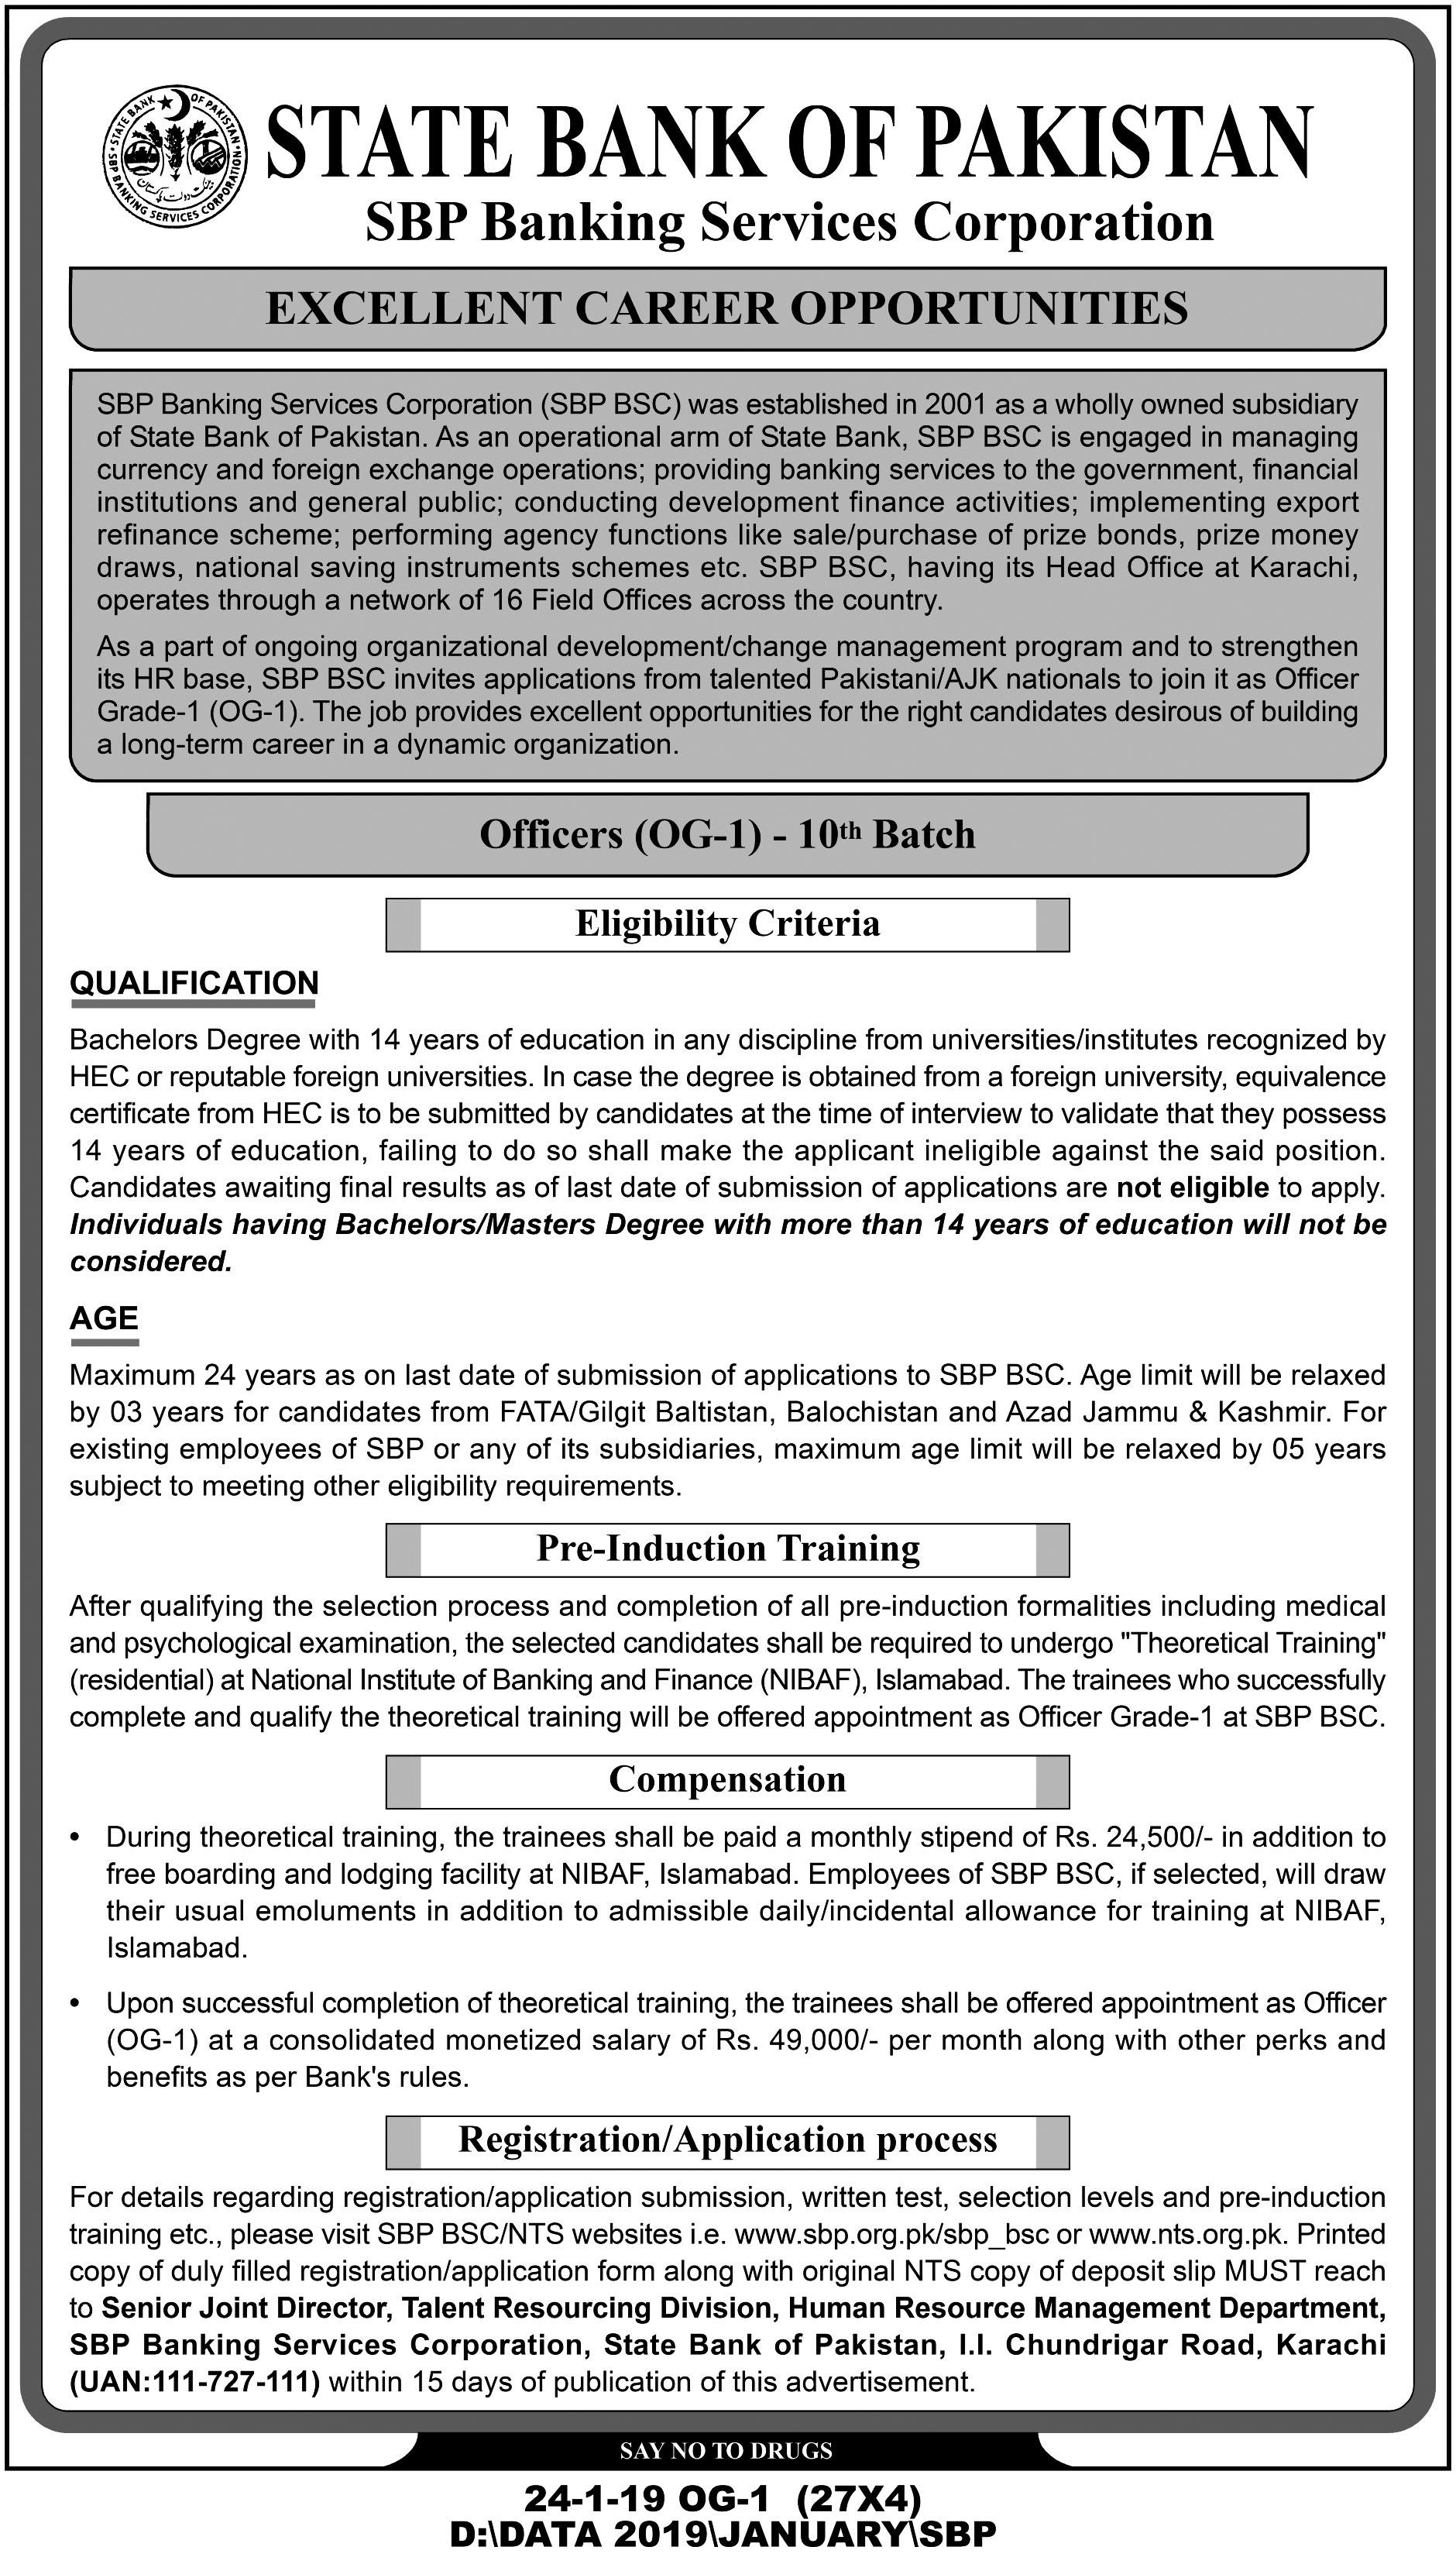 SBP Pakistan OG-1 Officers Jobs 2019 NTS Application Form Online